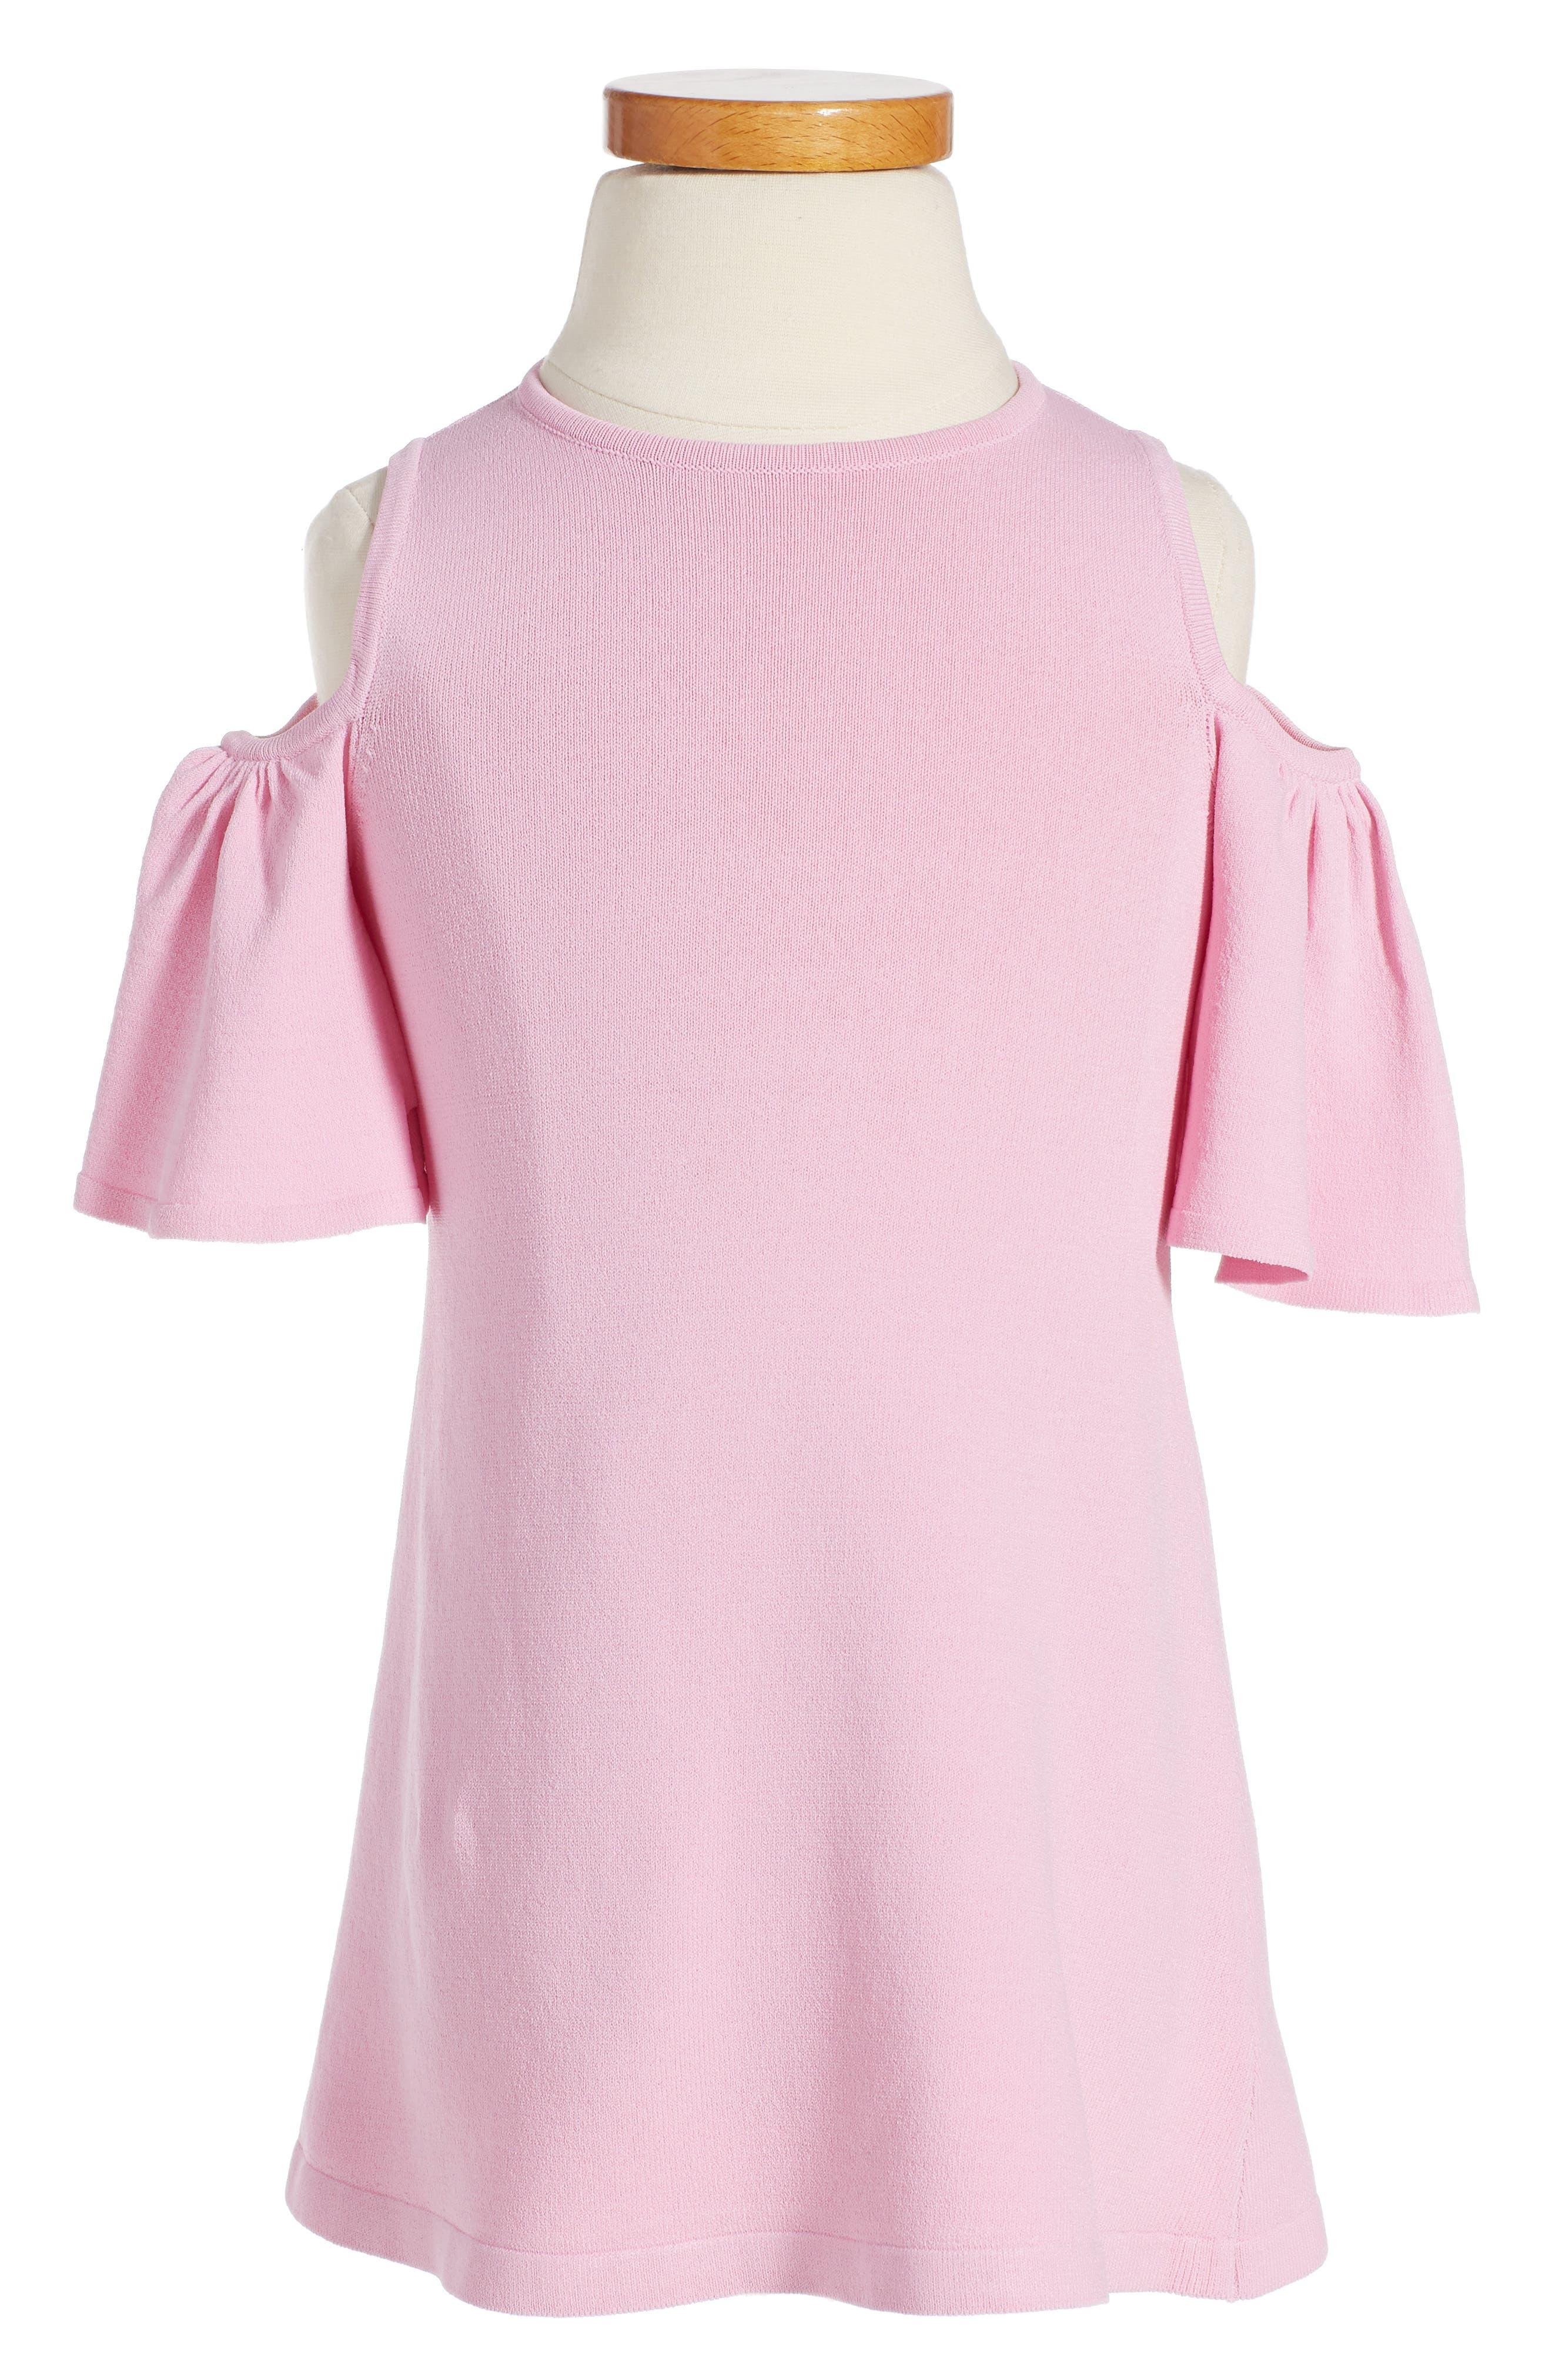 Milly Minis Cold Shoulder Dress (Toddler Girls, Little Girls & Big Girls)